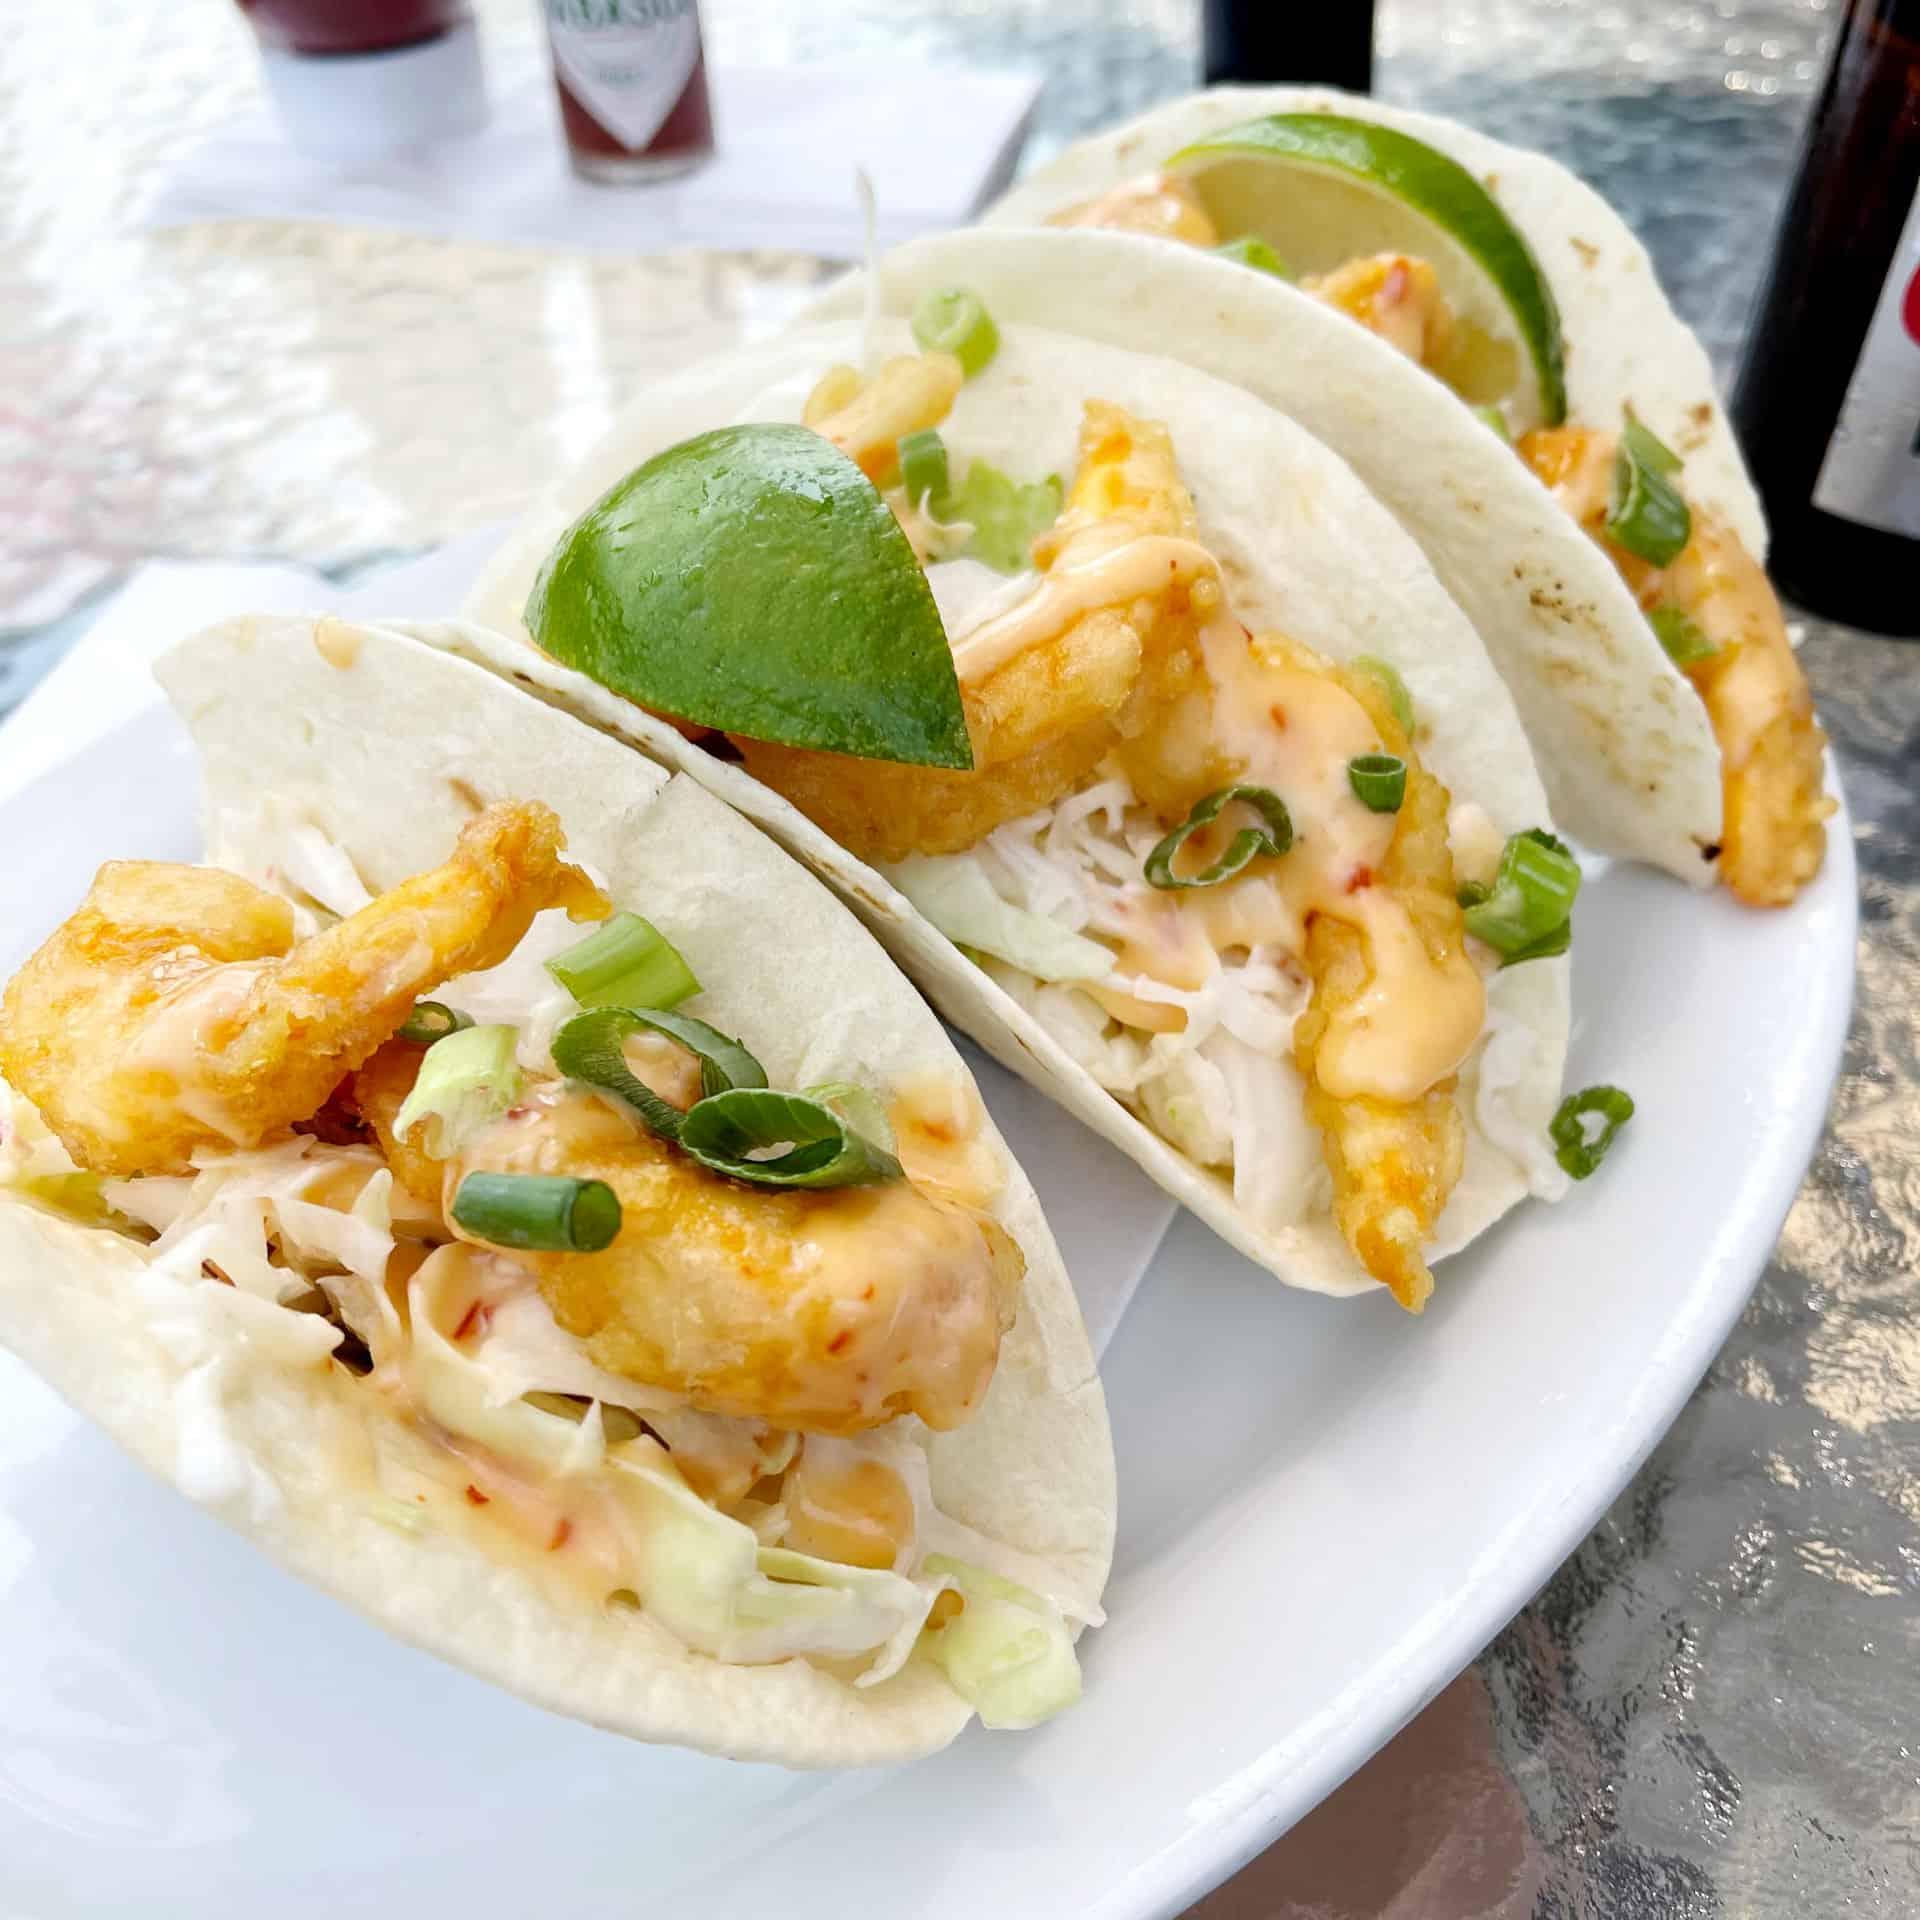 Shrimp tacos from Monkey Top Saloon in Bentley Alberta